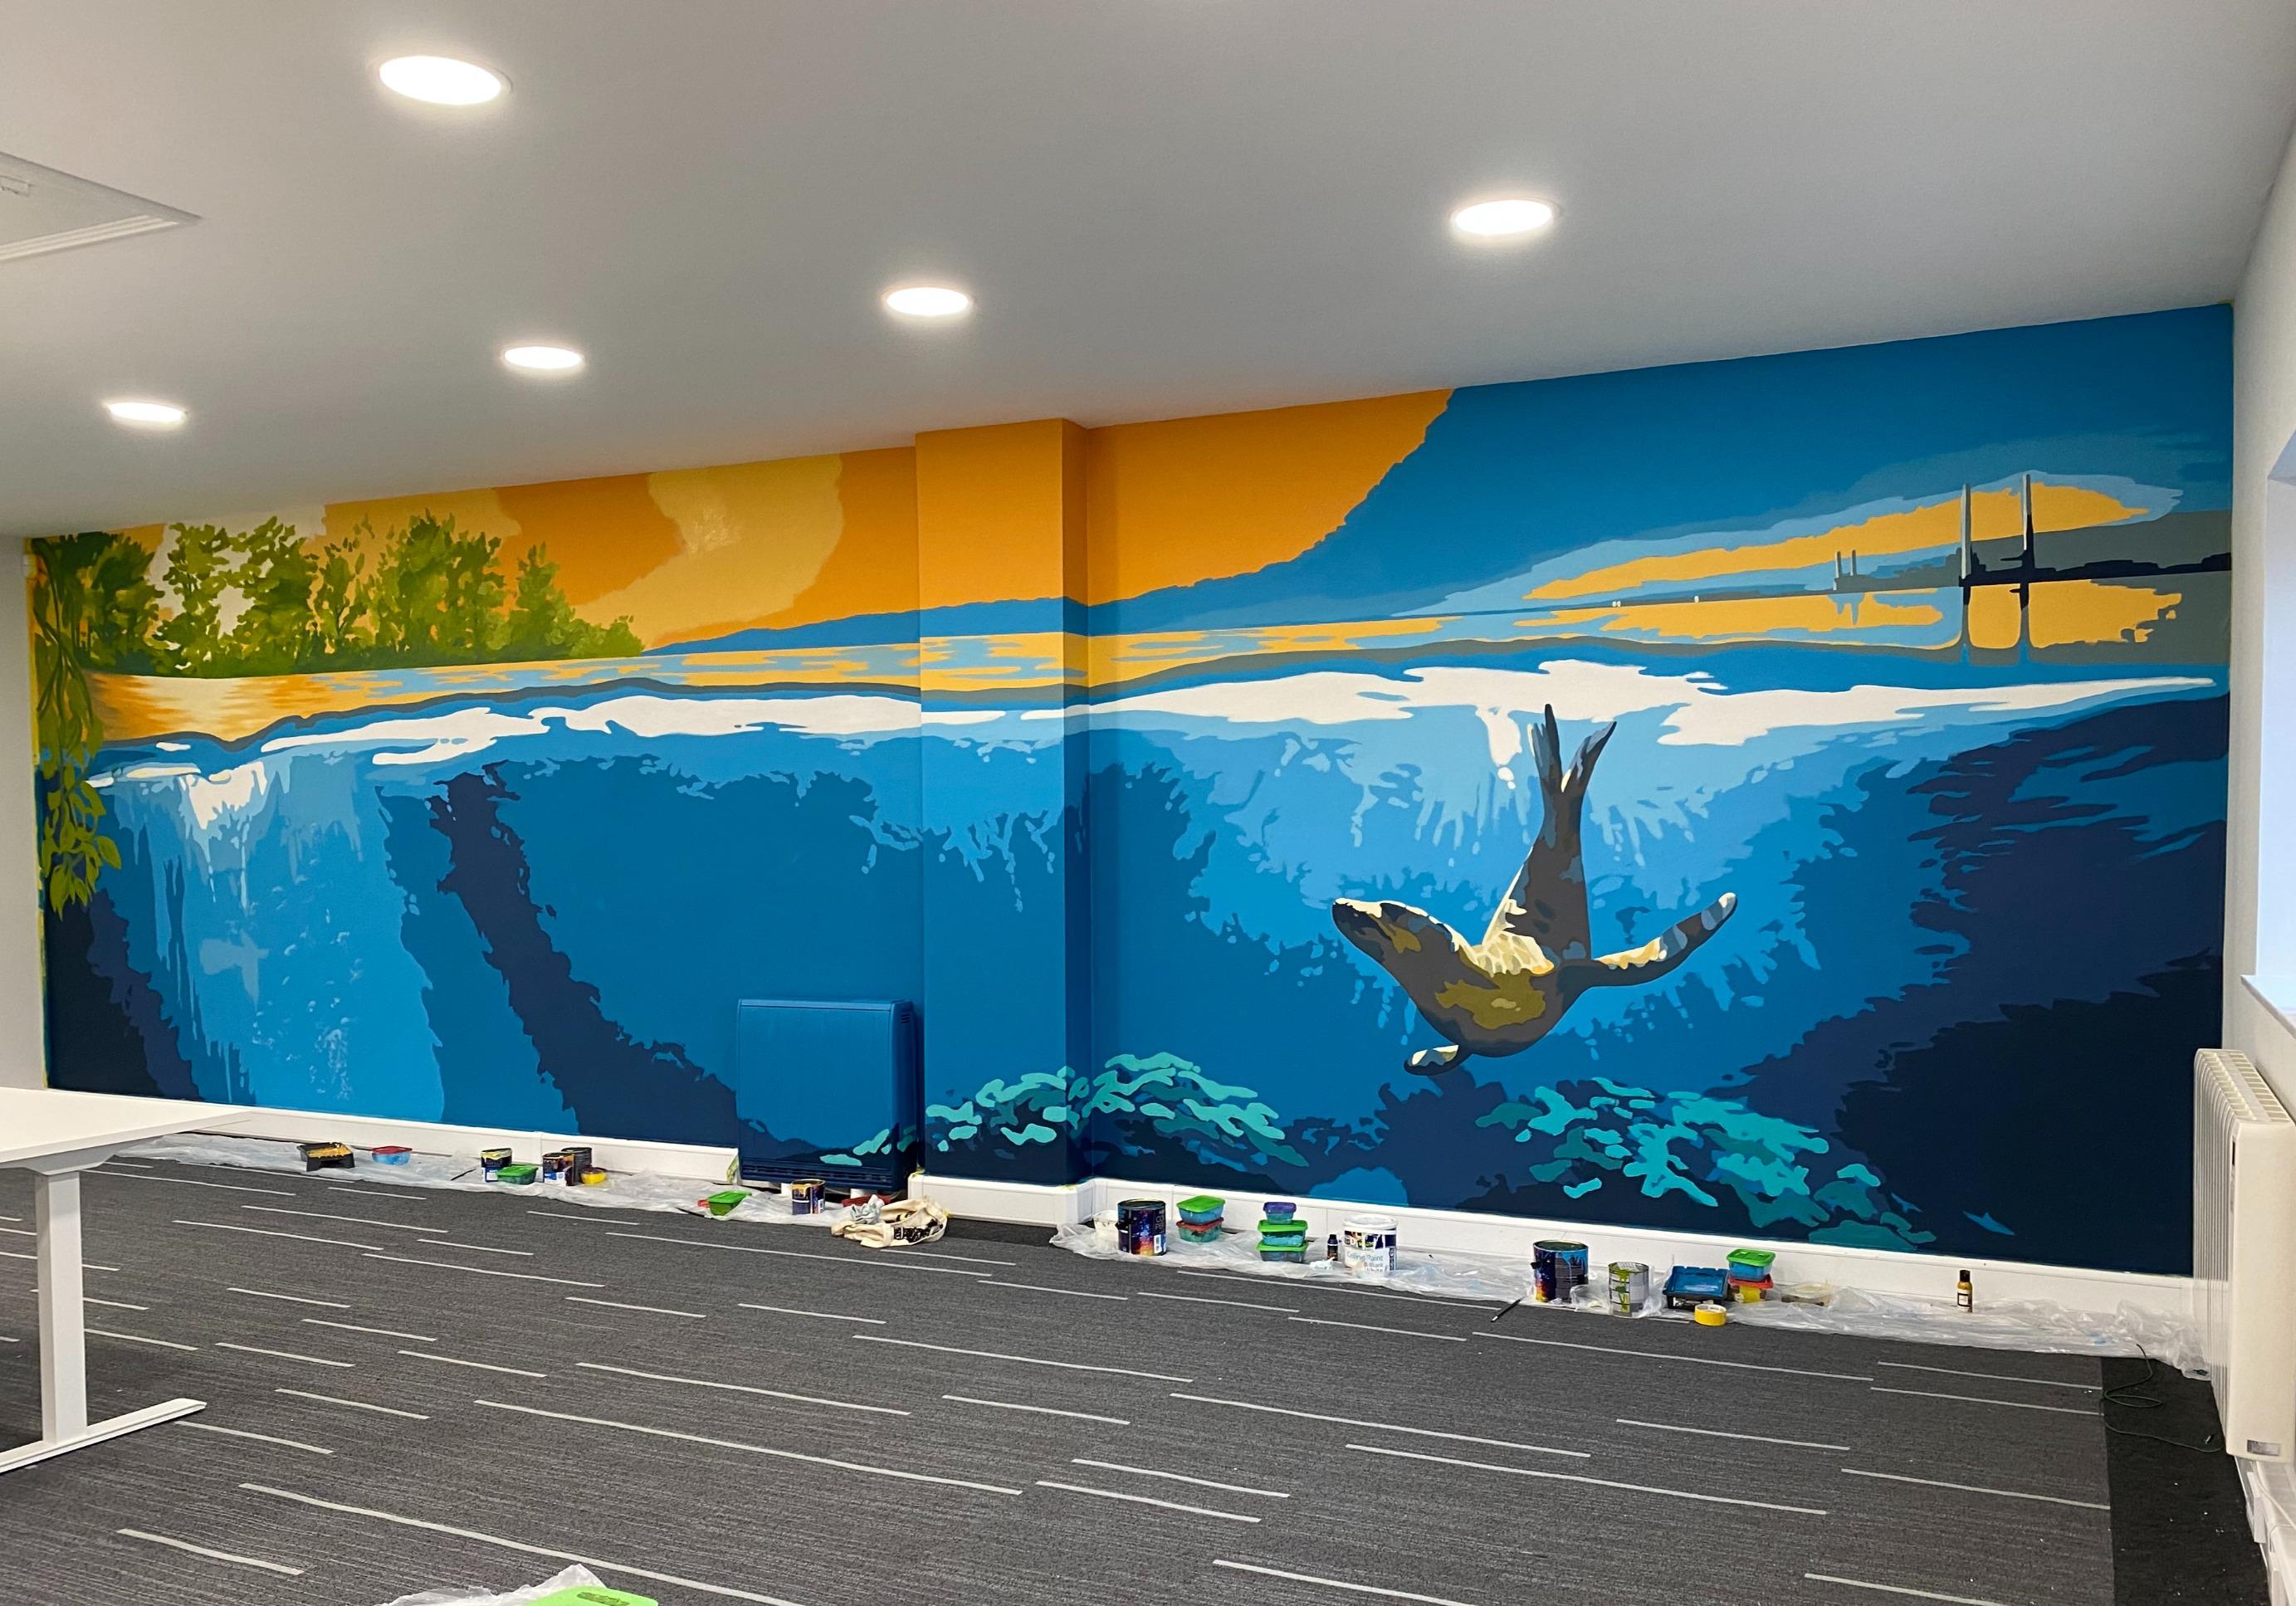 Biophilic mural